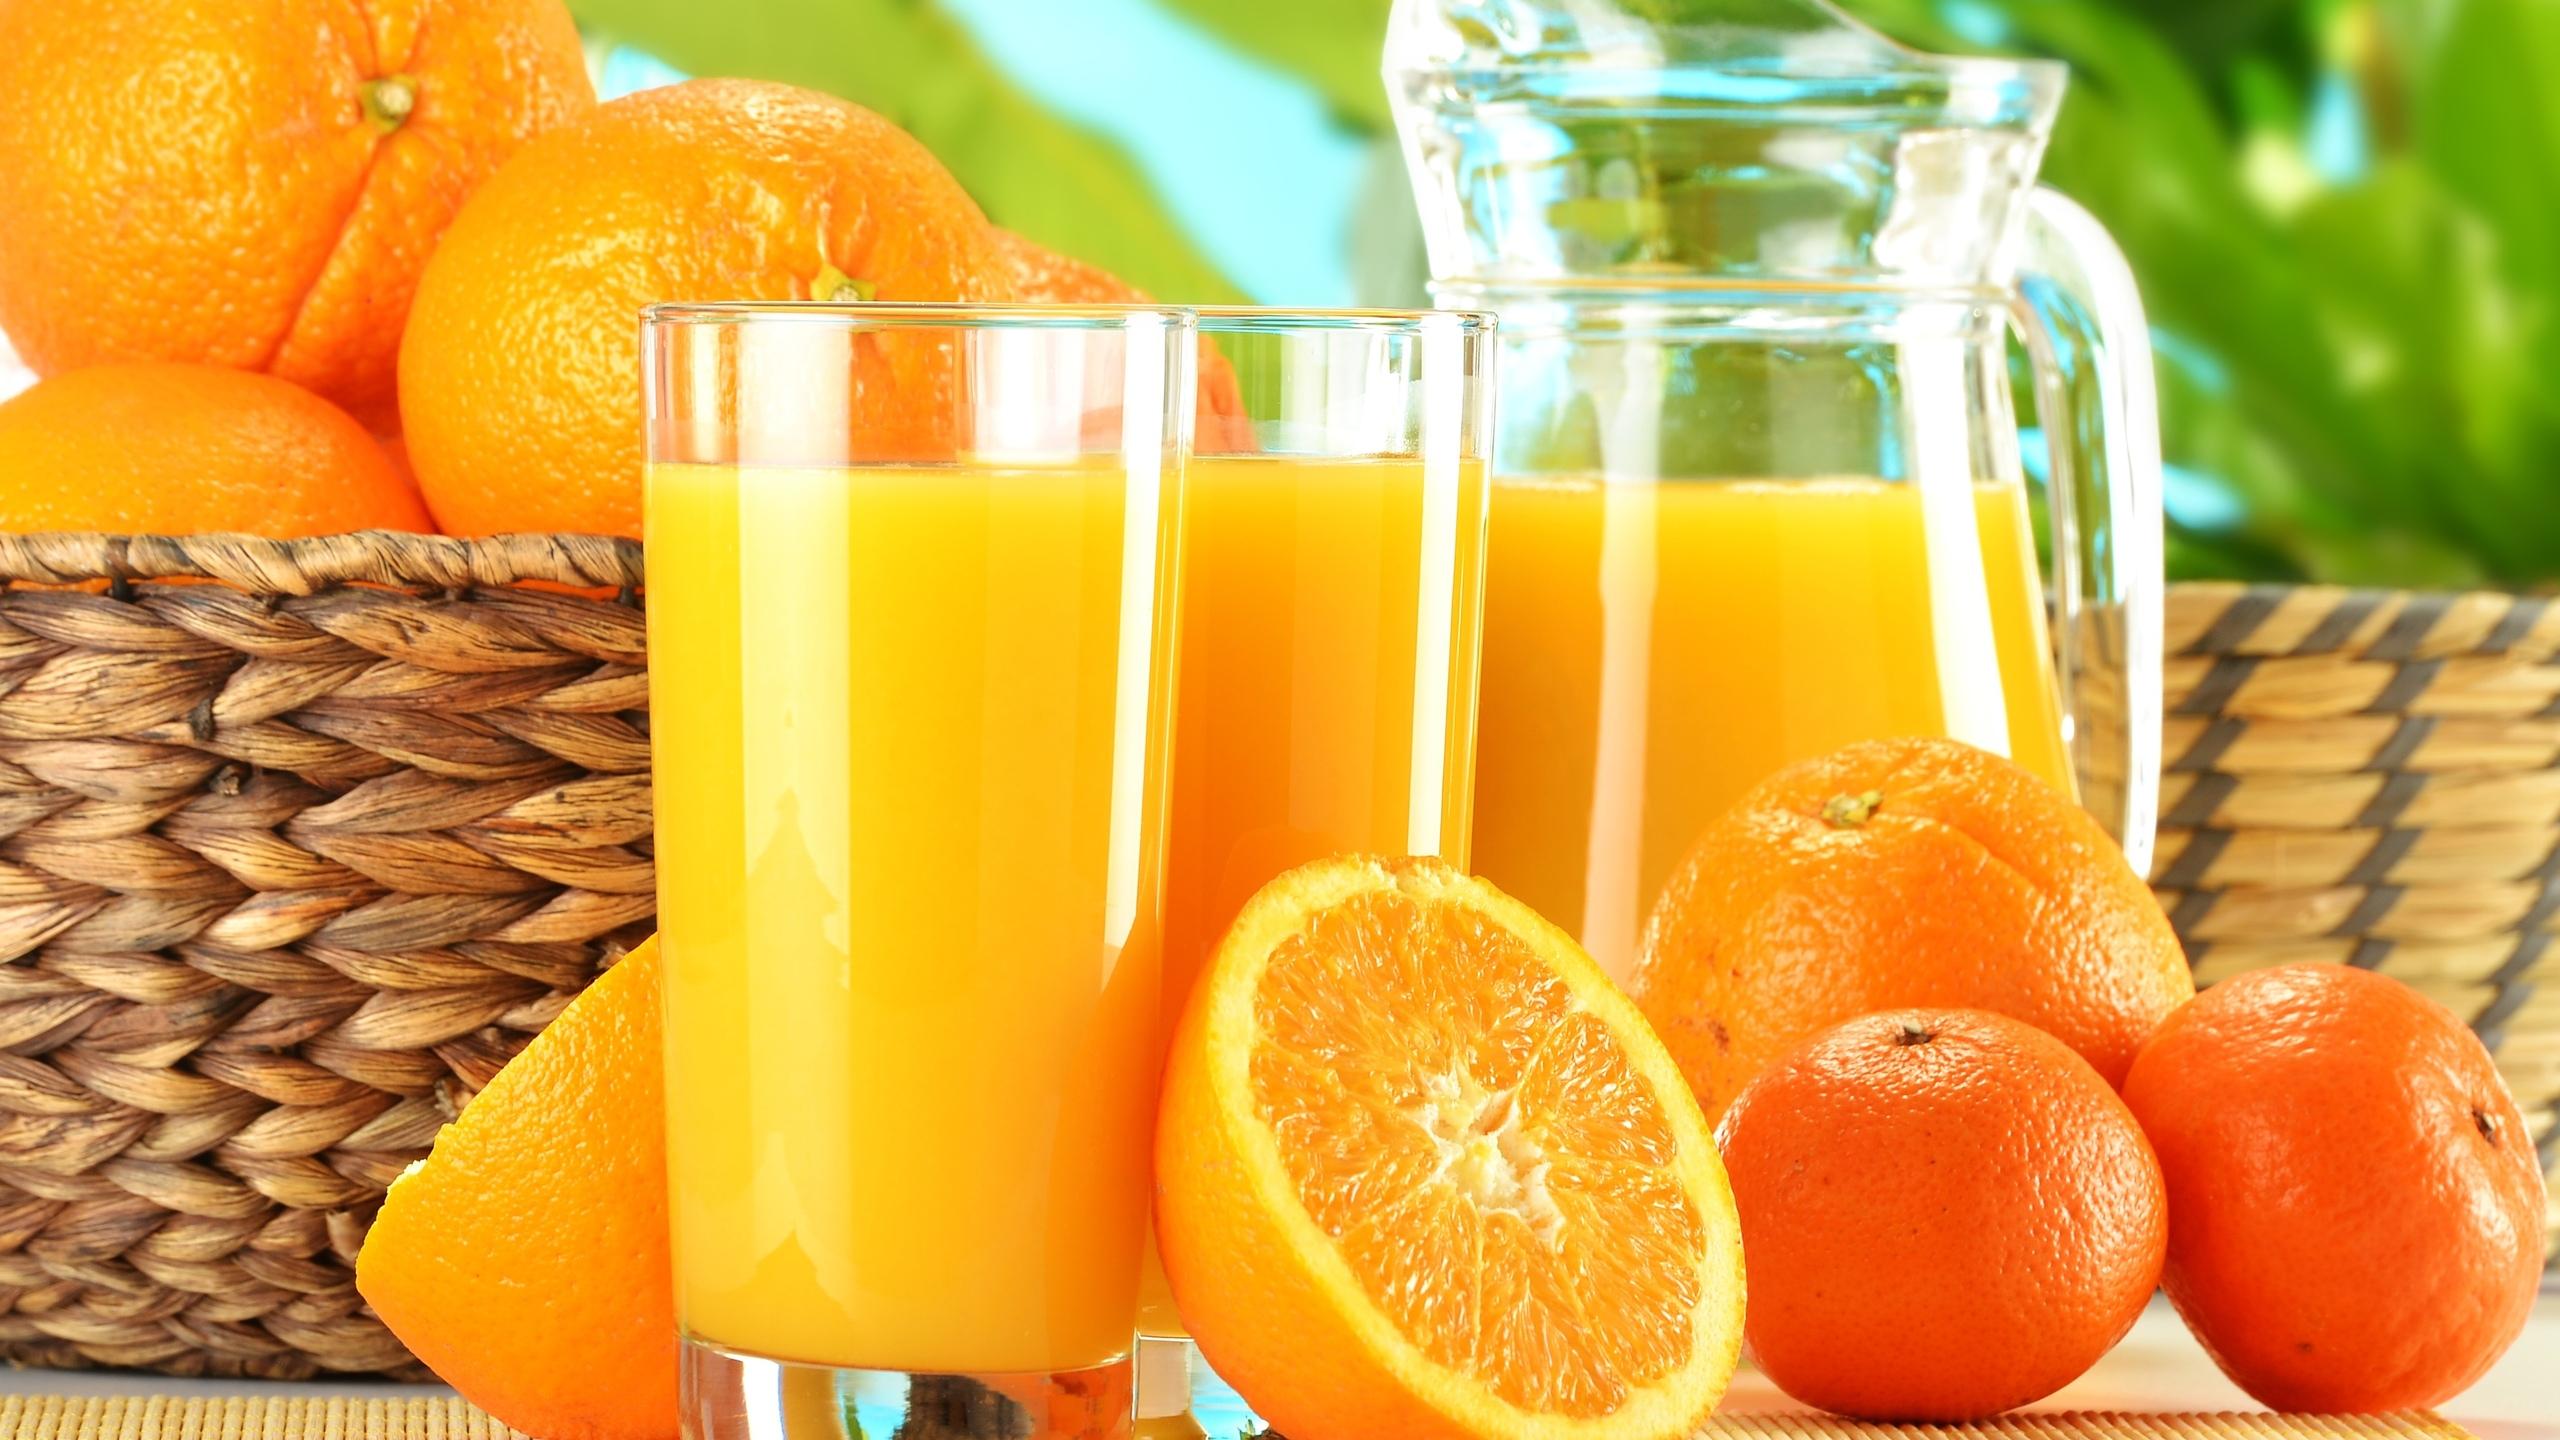 Желудок человека принимает апельсиновый сок за кока-колу